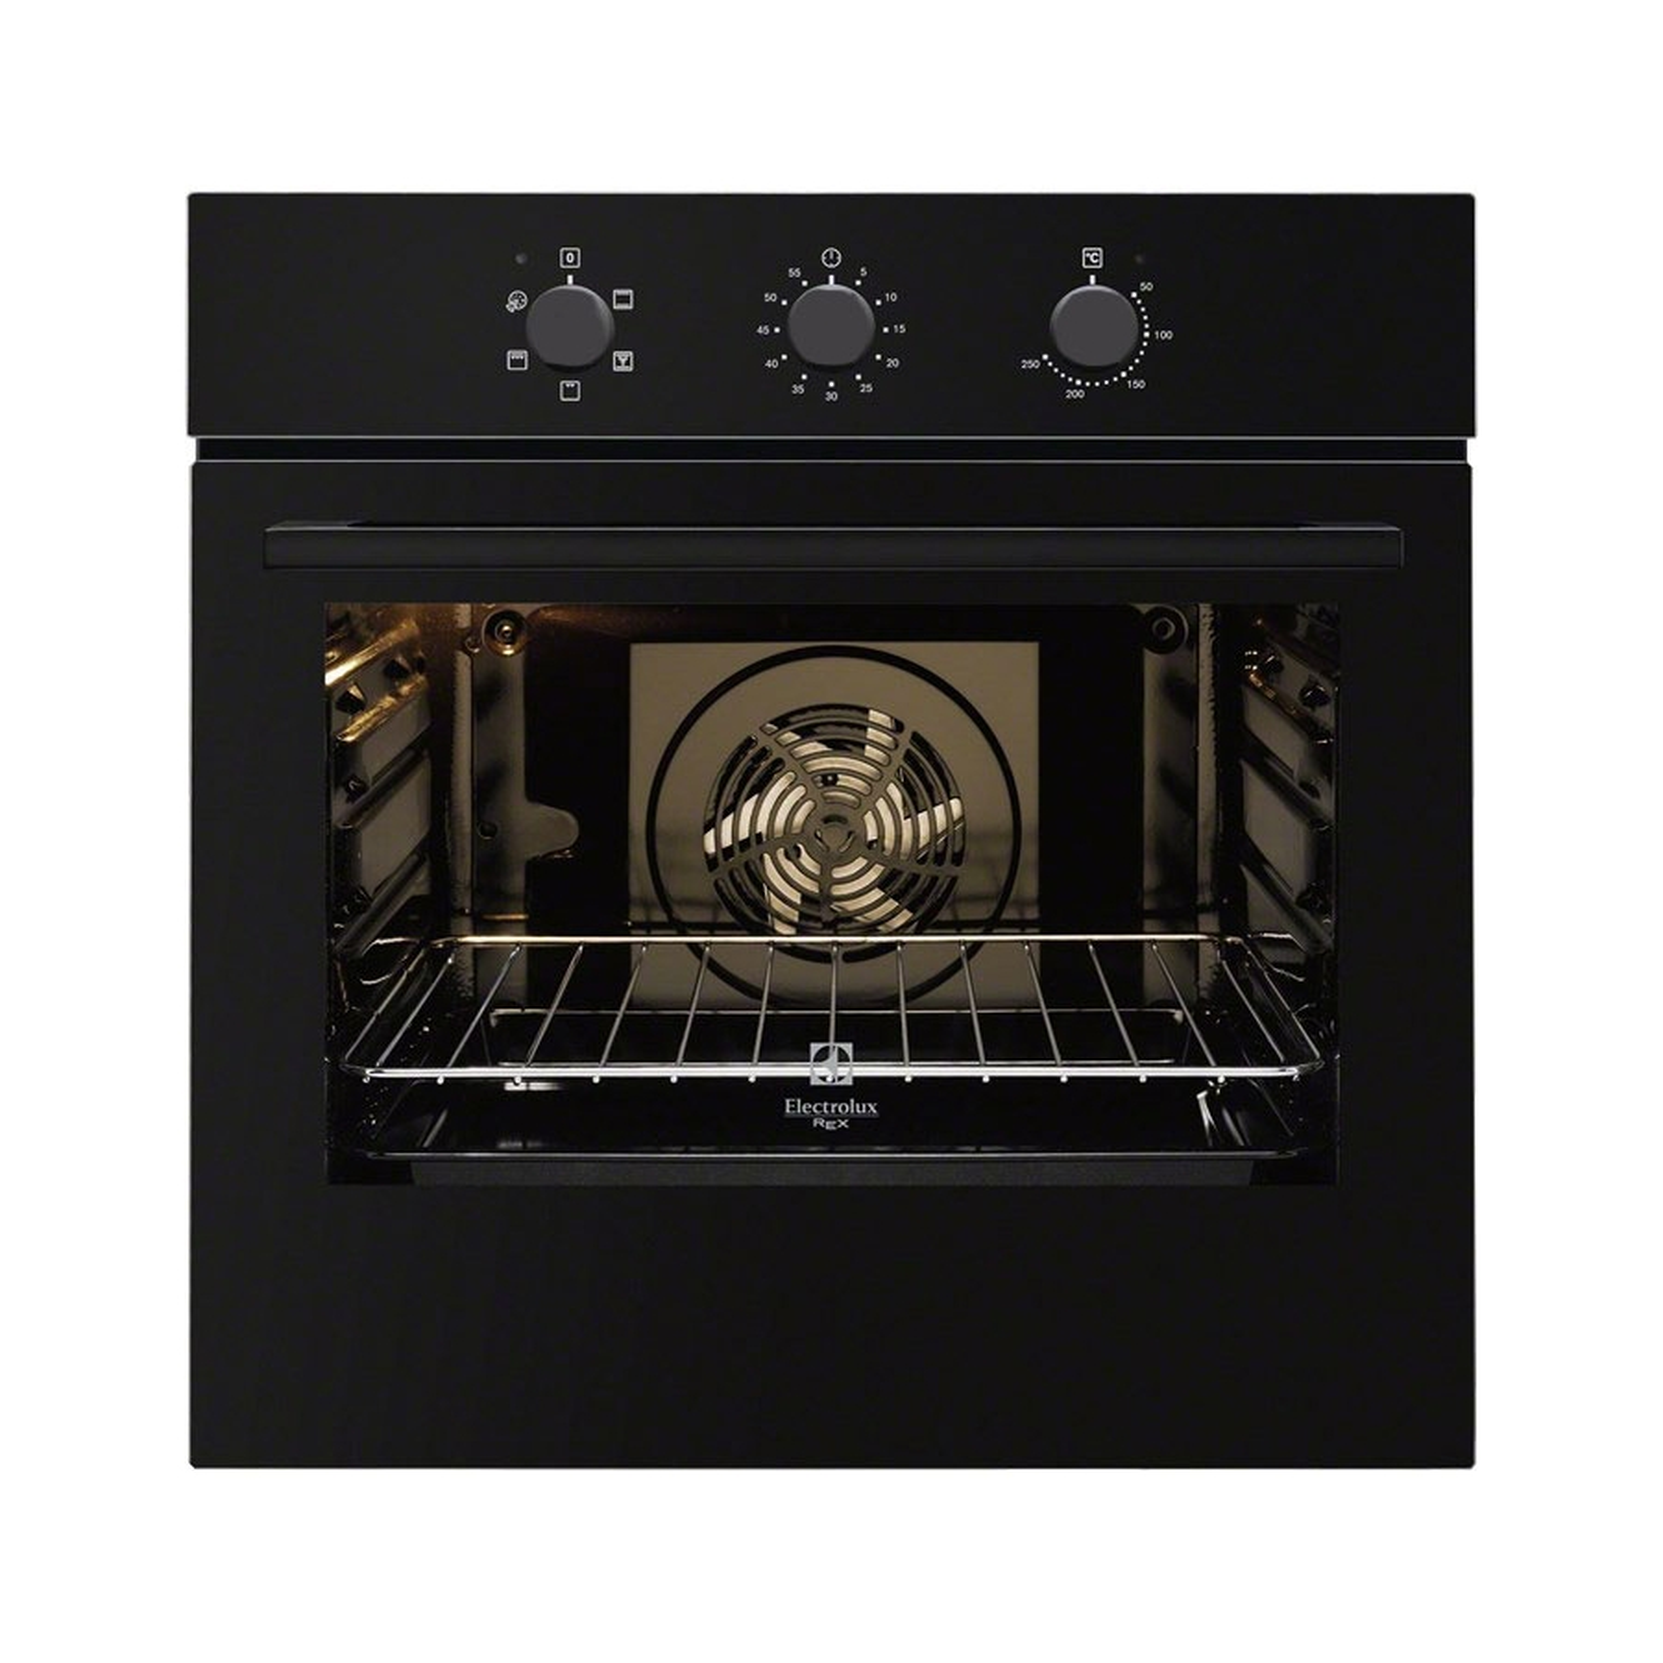 Forno incasso rex electrolux fq53n nero ventilato funzione pizza promozione elettrovillage - Forno a gas ventilato da incasso ...